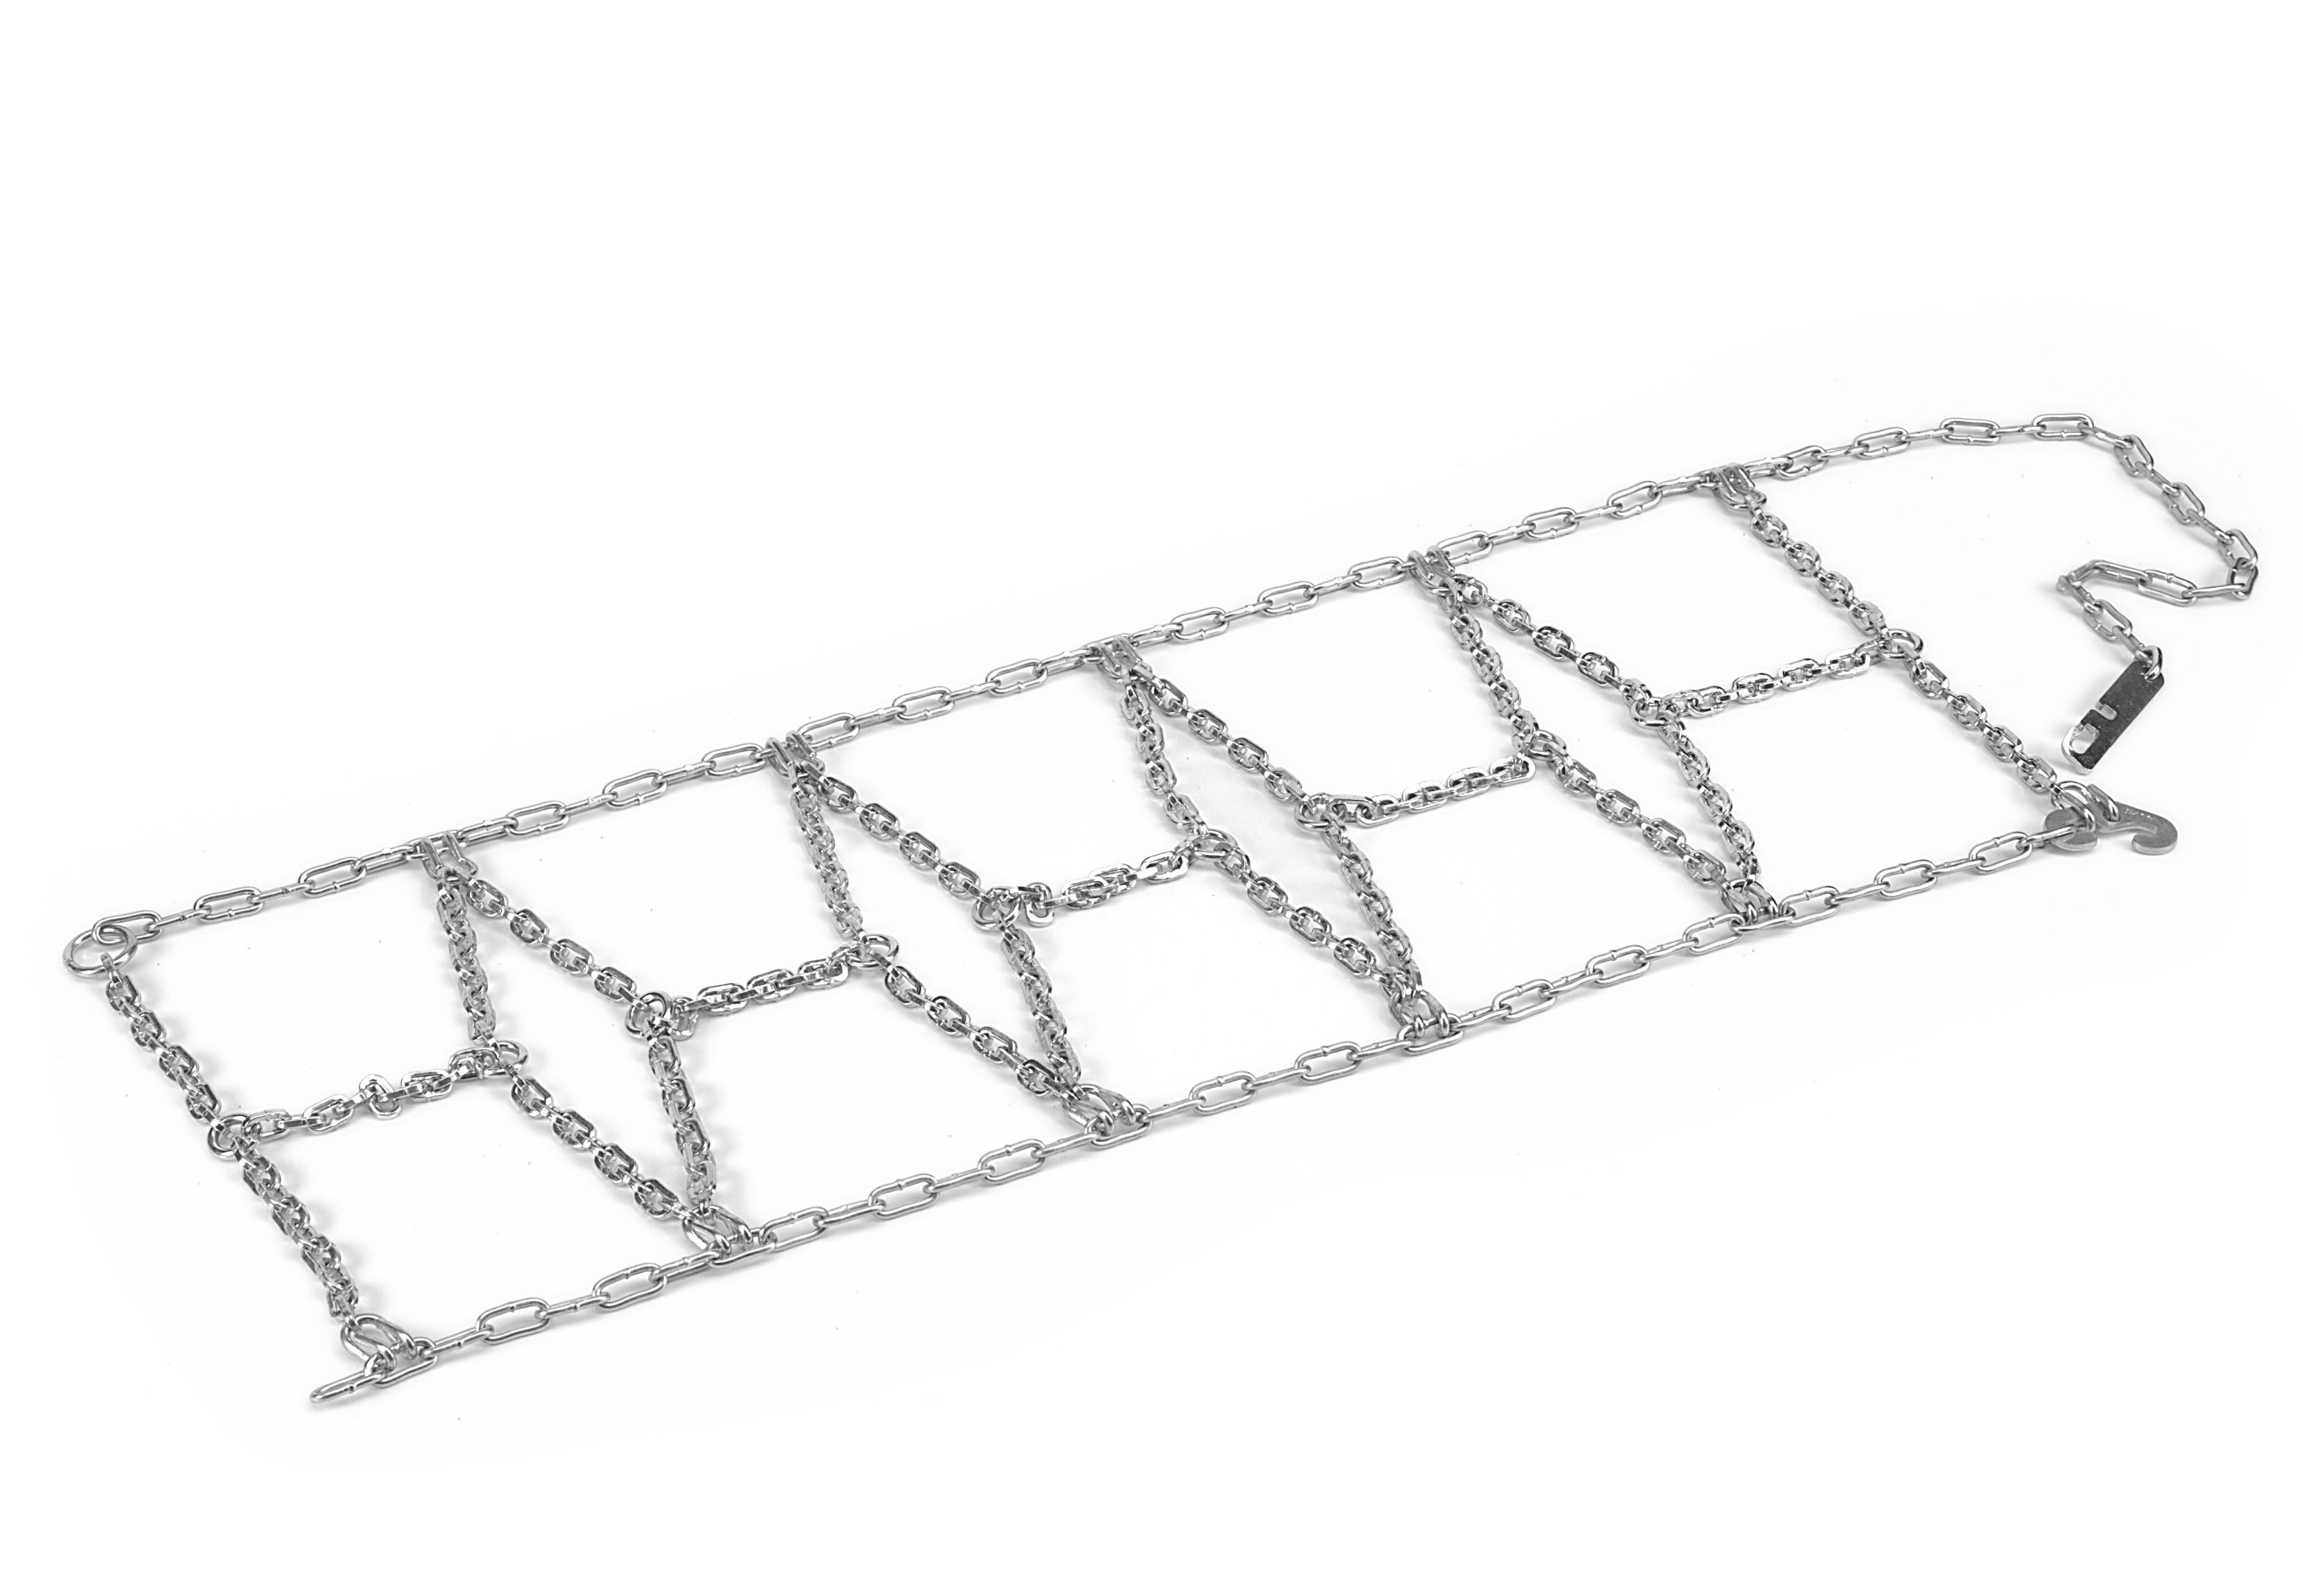 Schneeketten für Tretfahrzeug 308x98 - Rolly Toys Bild 1